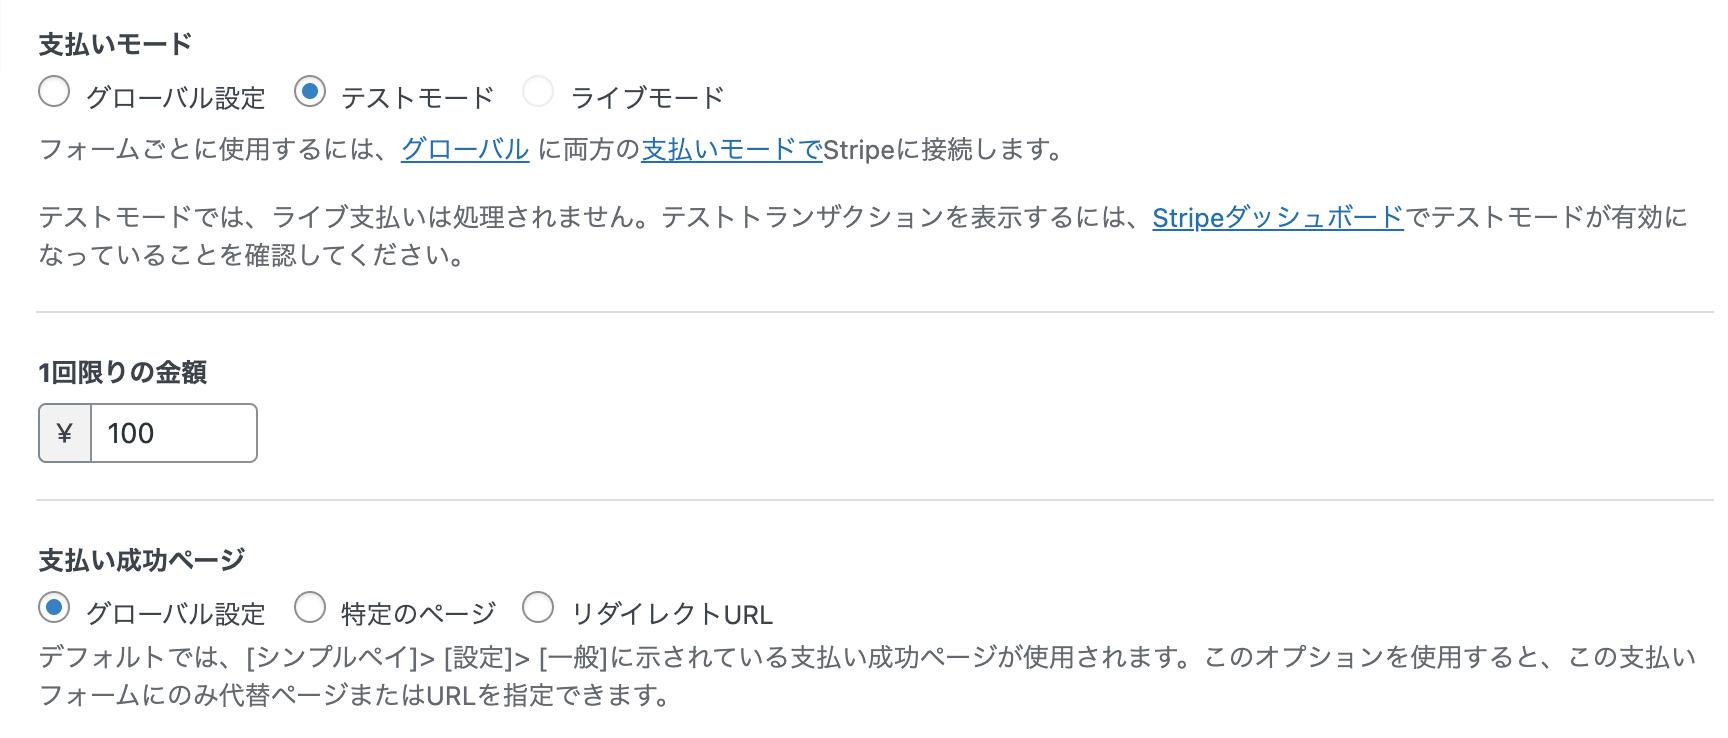 日本語バージョン